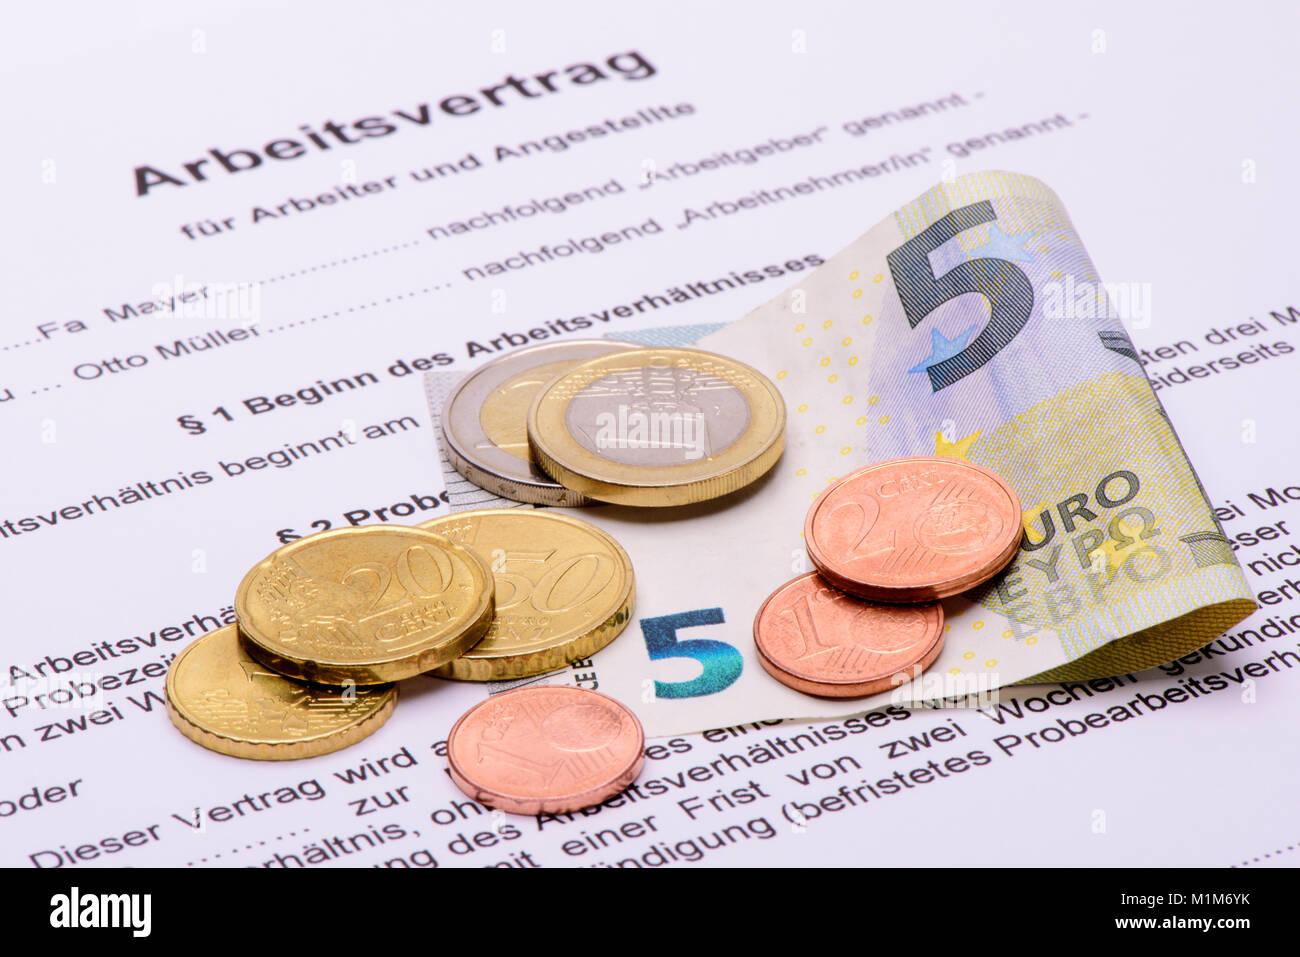 Mindestlohn 8,84 Euro pro Stunde Stock Photo